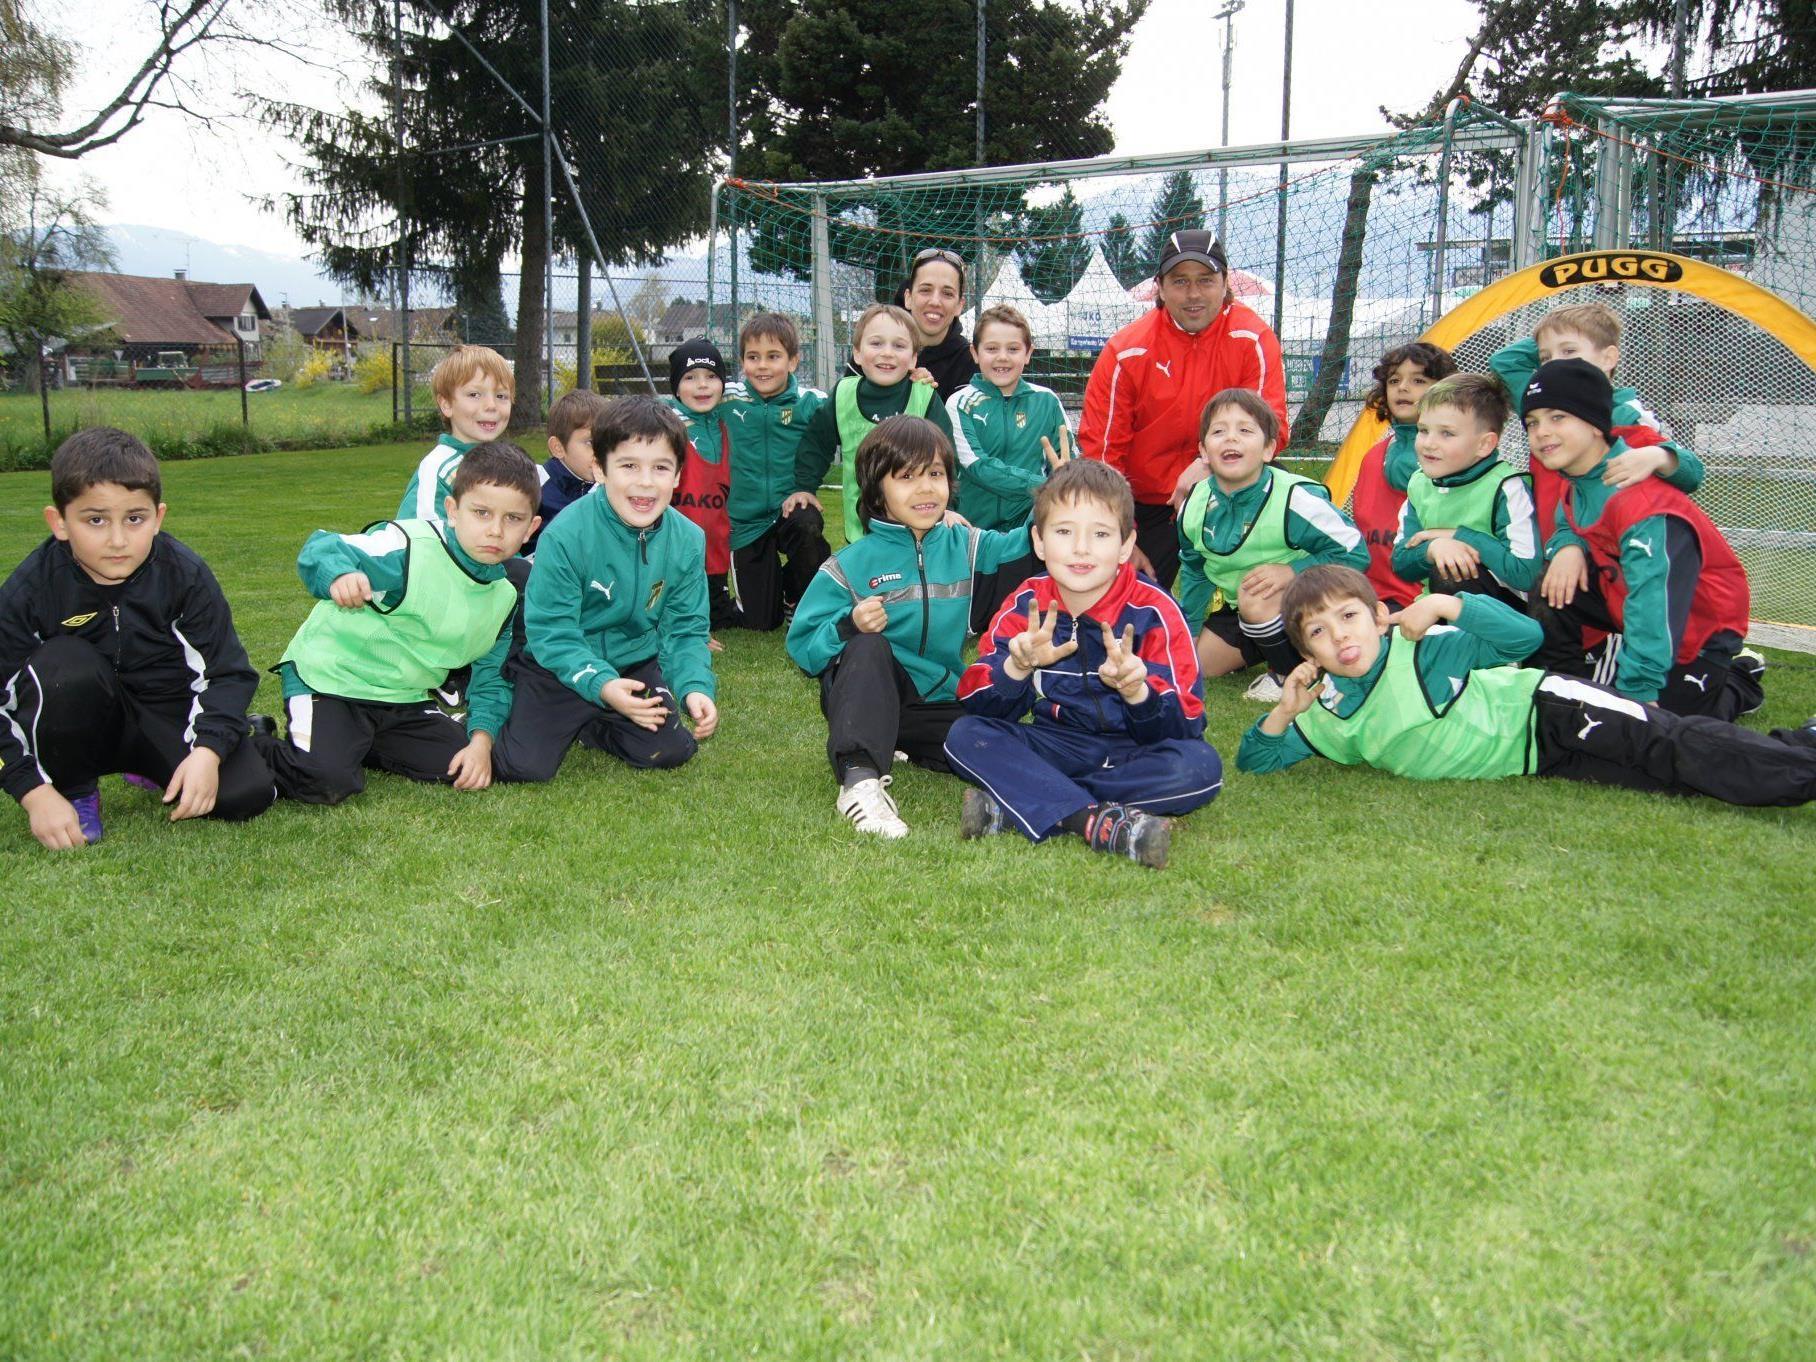 Die U7-Mannschaft der Austria beim Training.